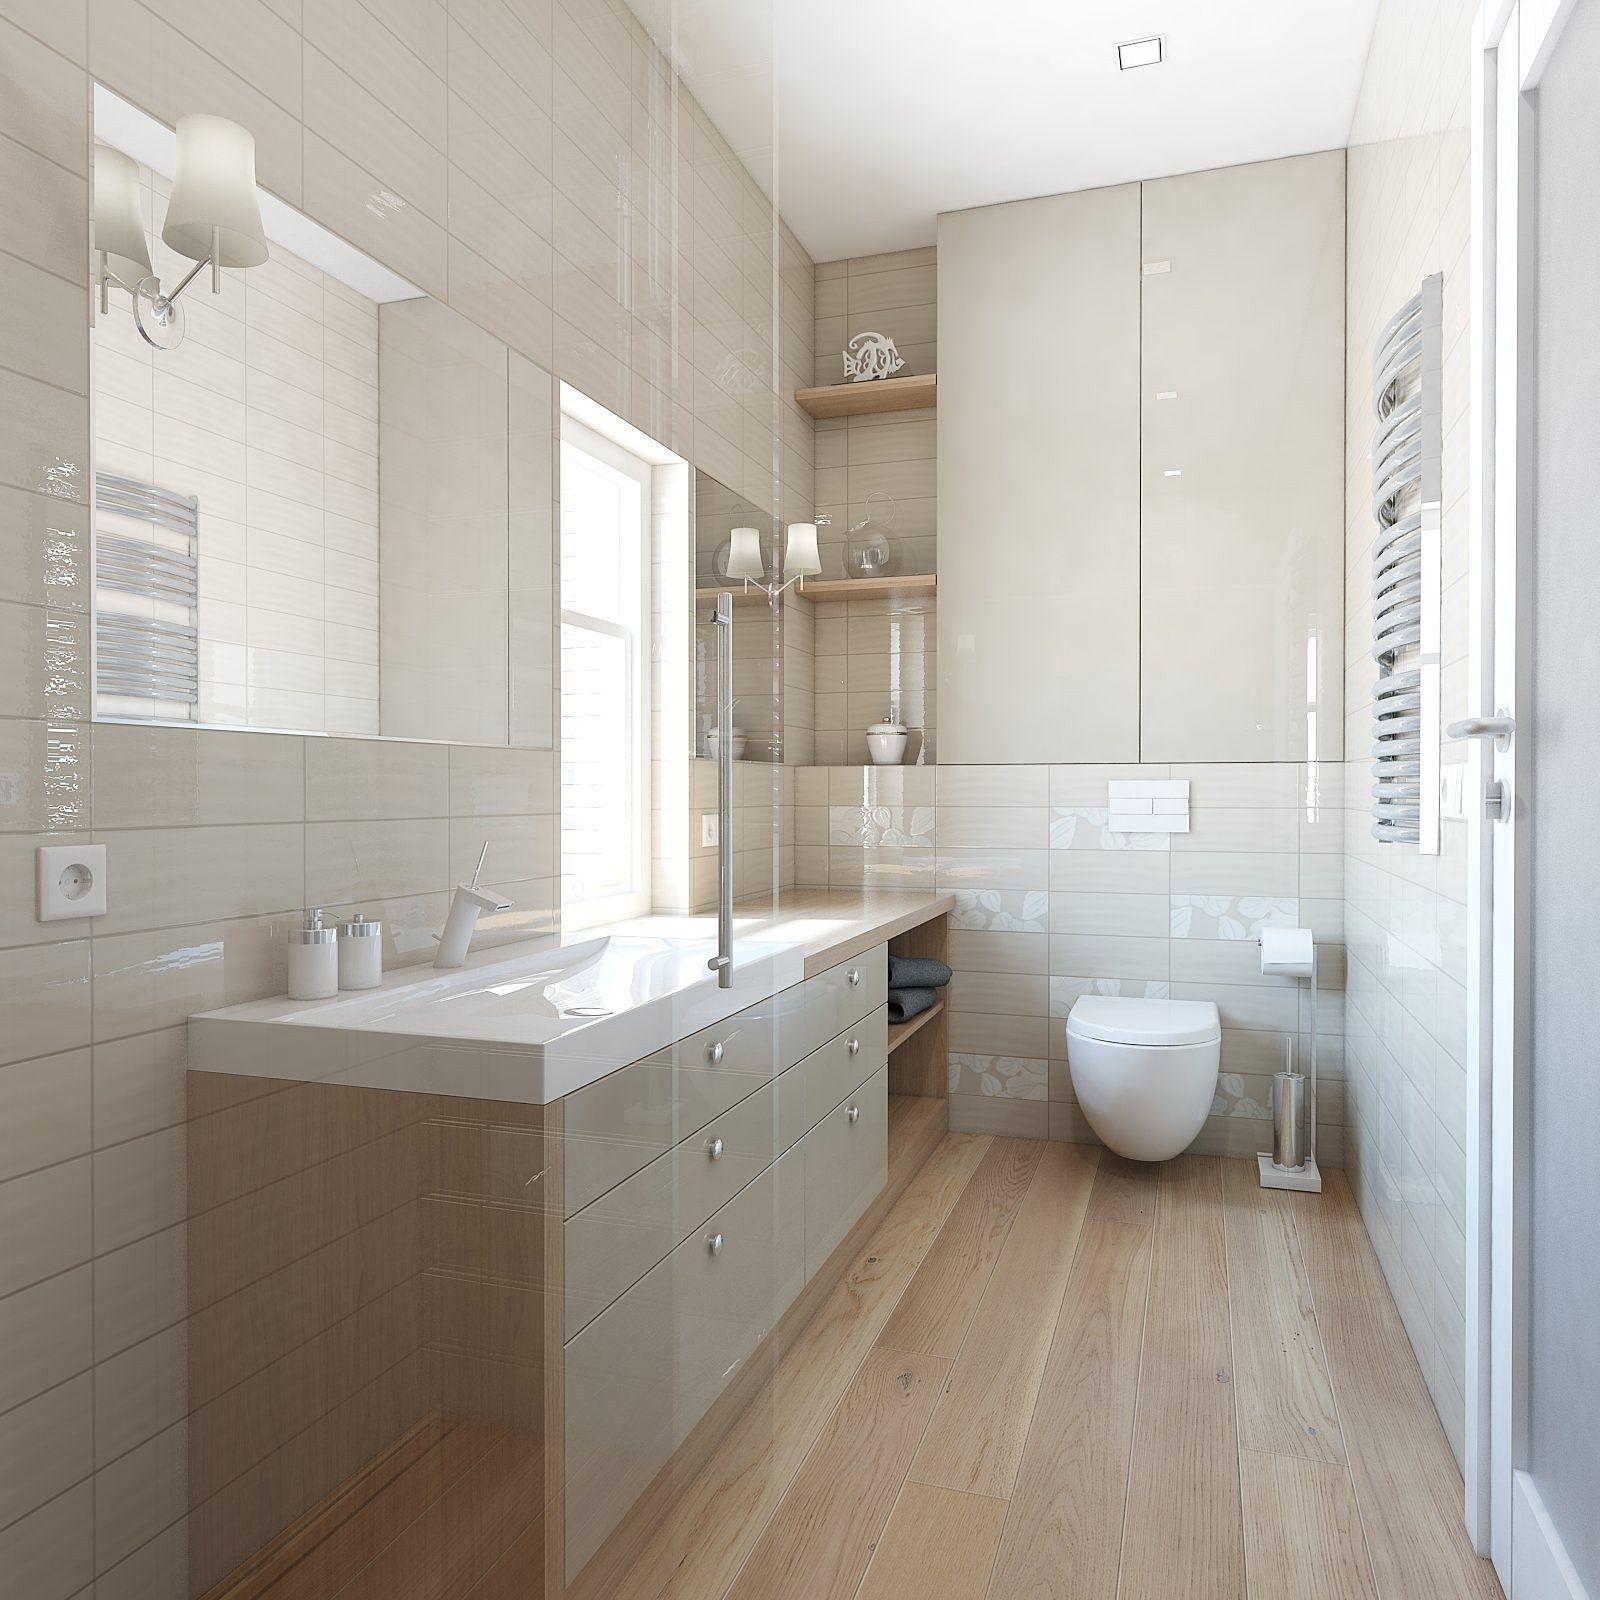 amazing bathroom 3d model max obj 3ds fbx dwg skp 1